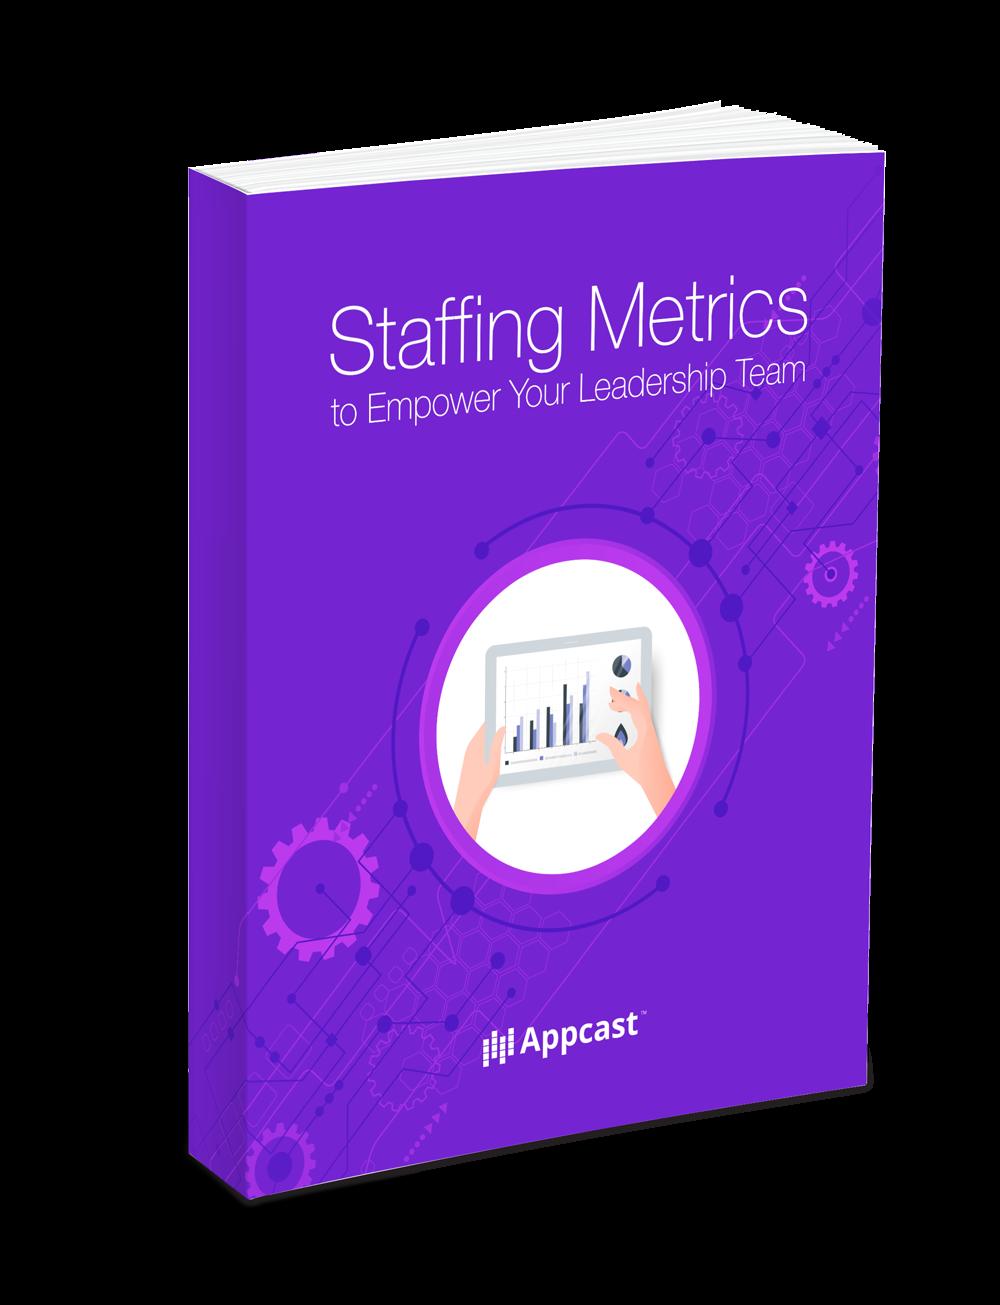 Staffing Metrics